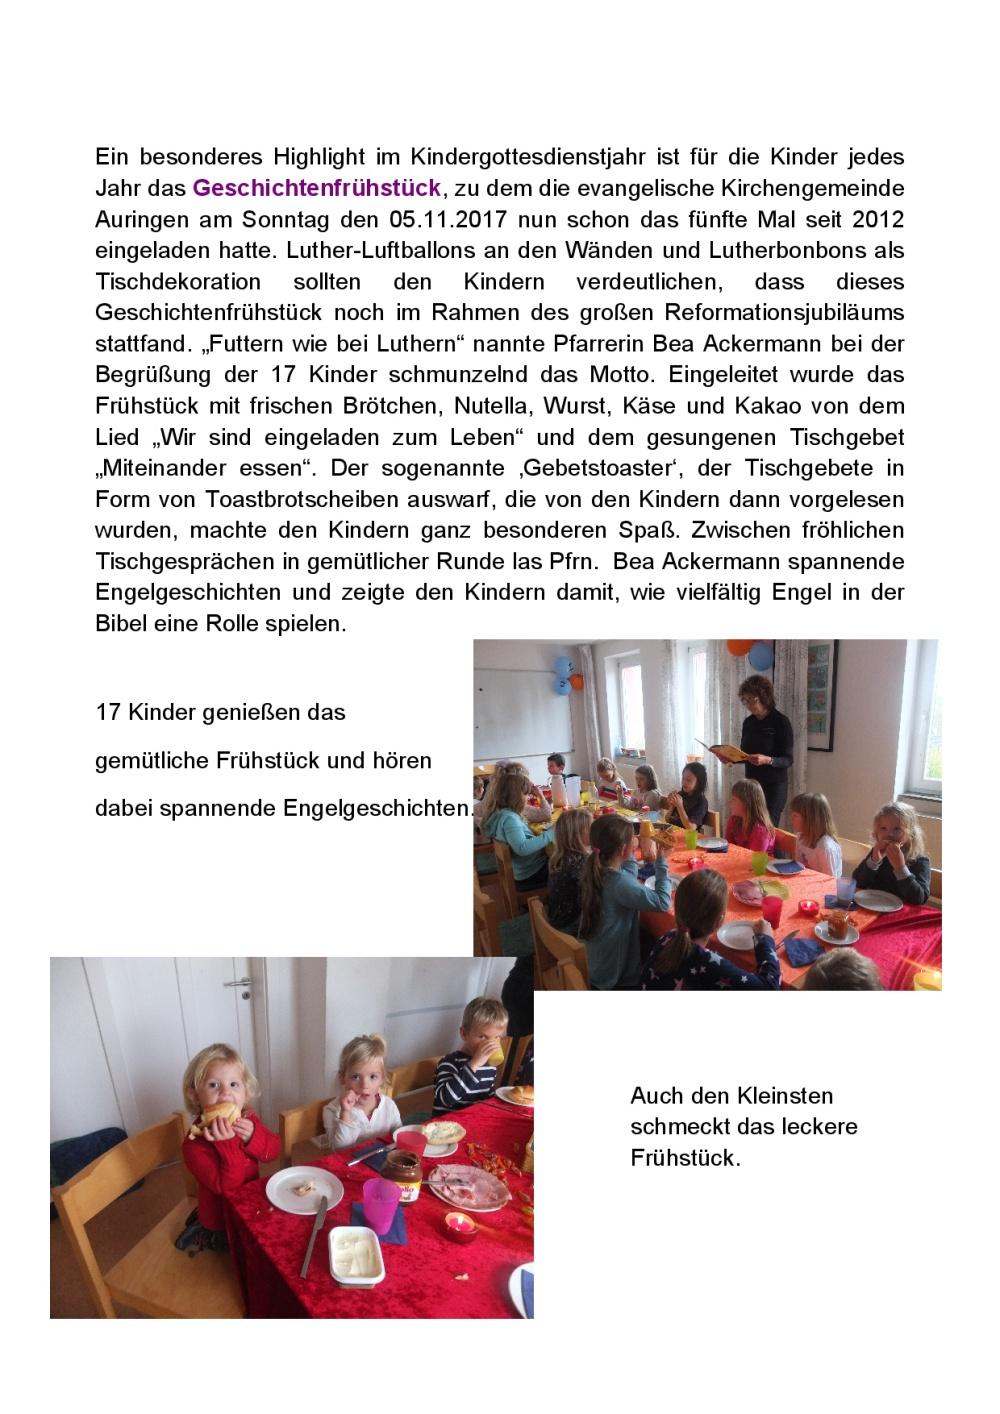 2017-11-05 Geschichtenfrühtück doc-001